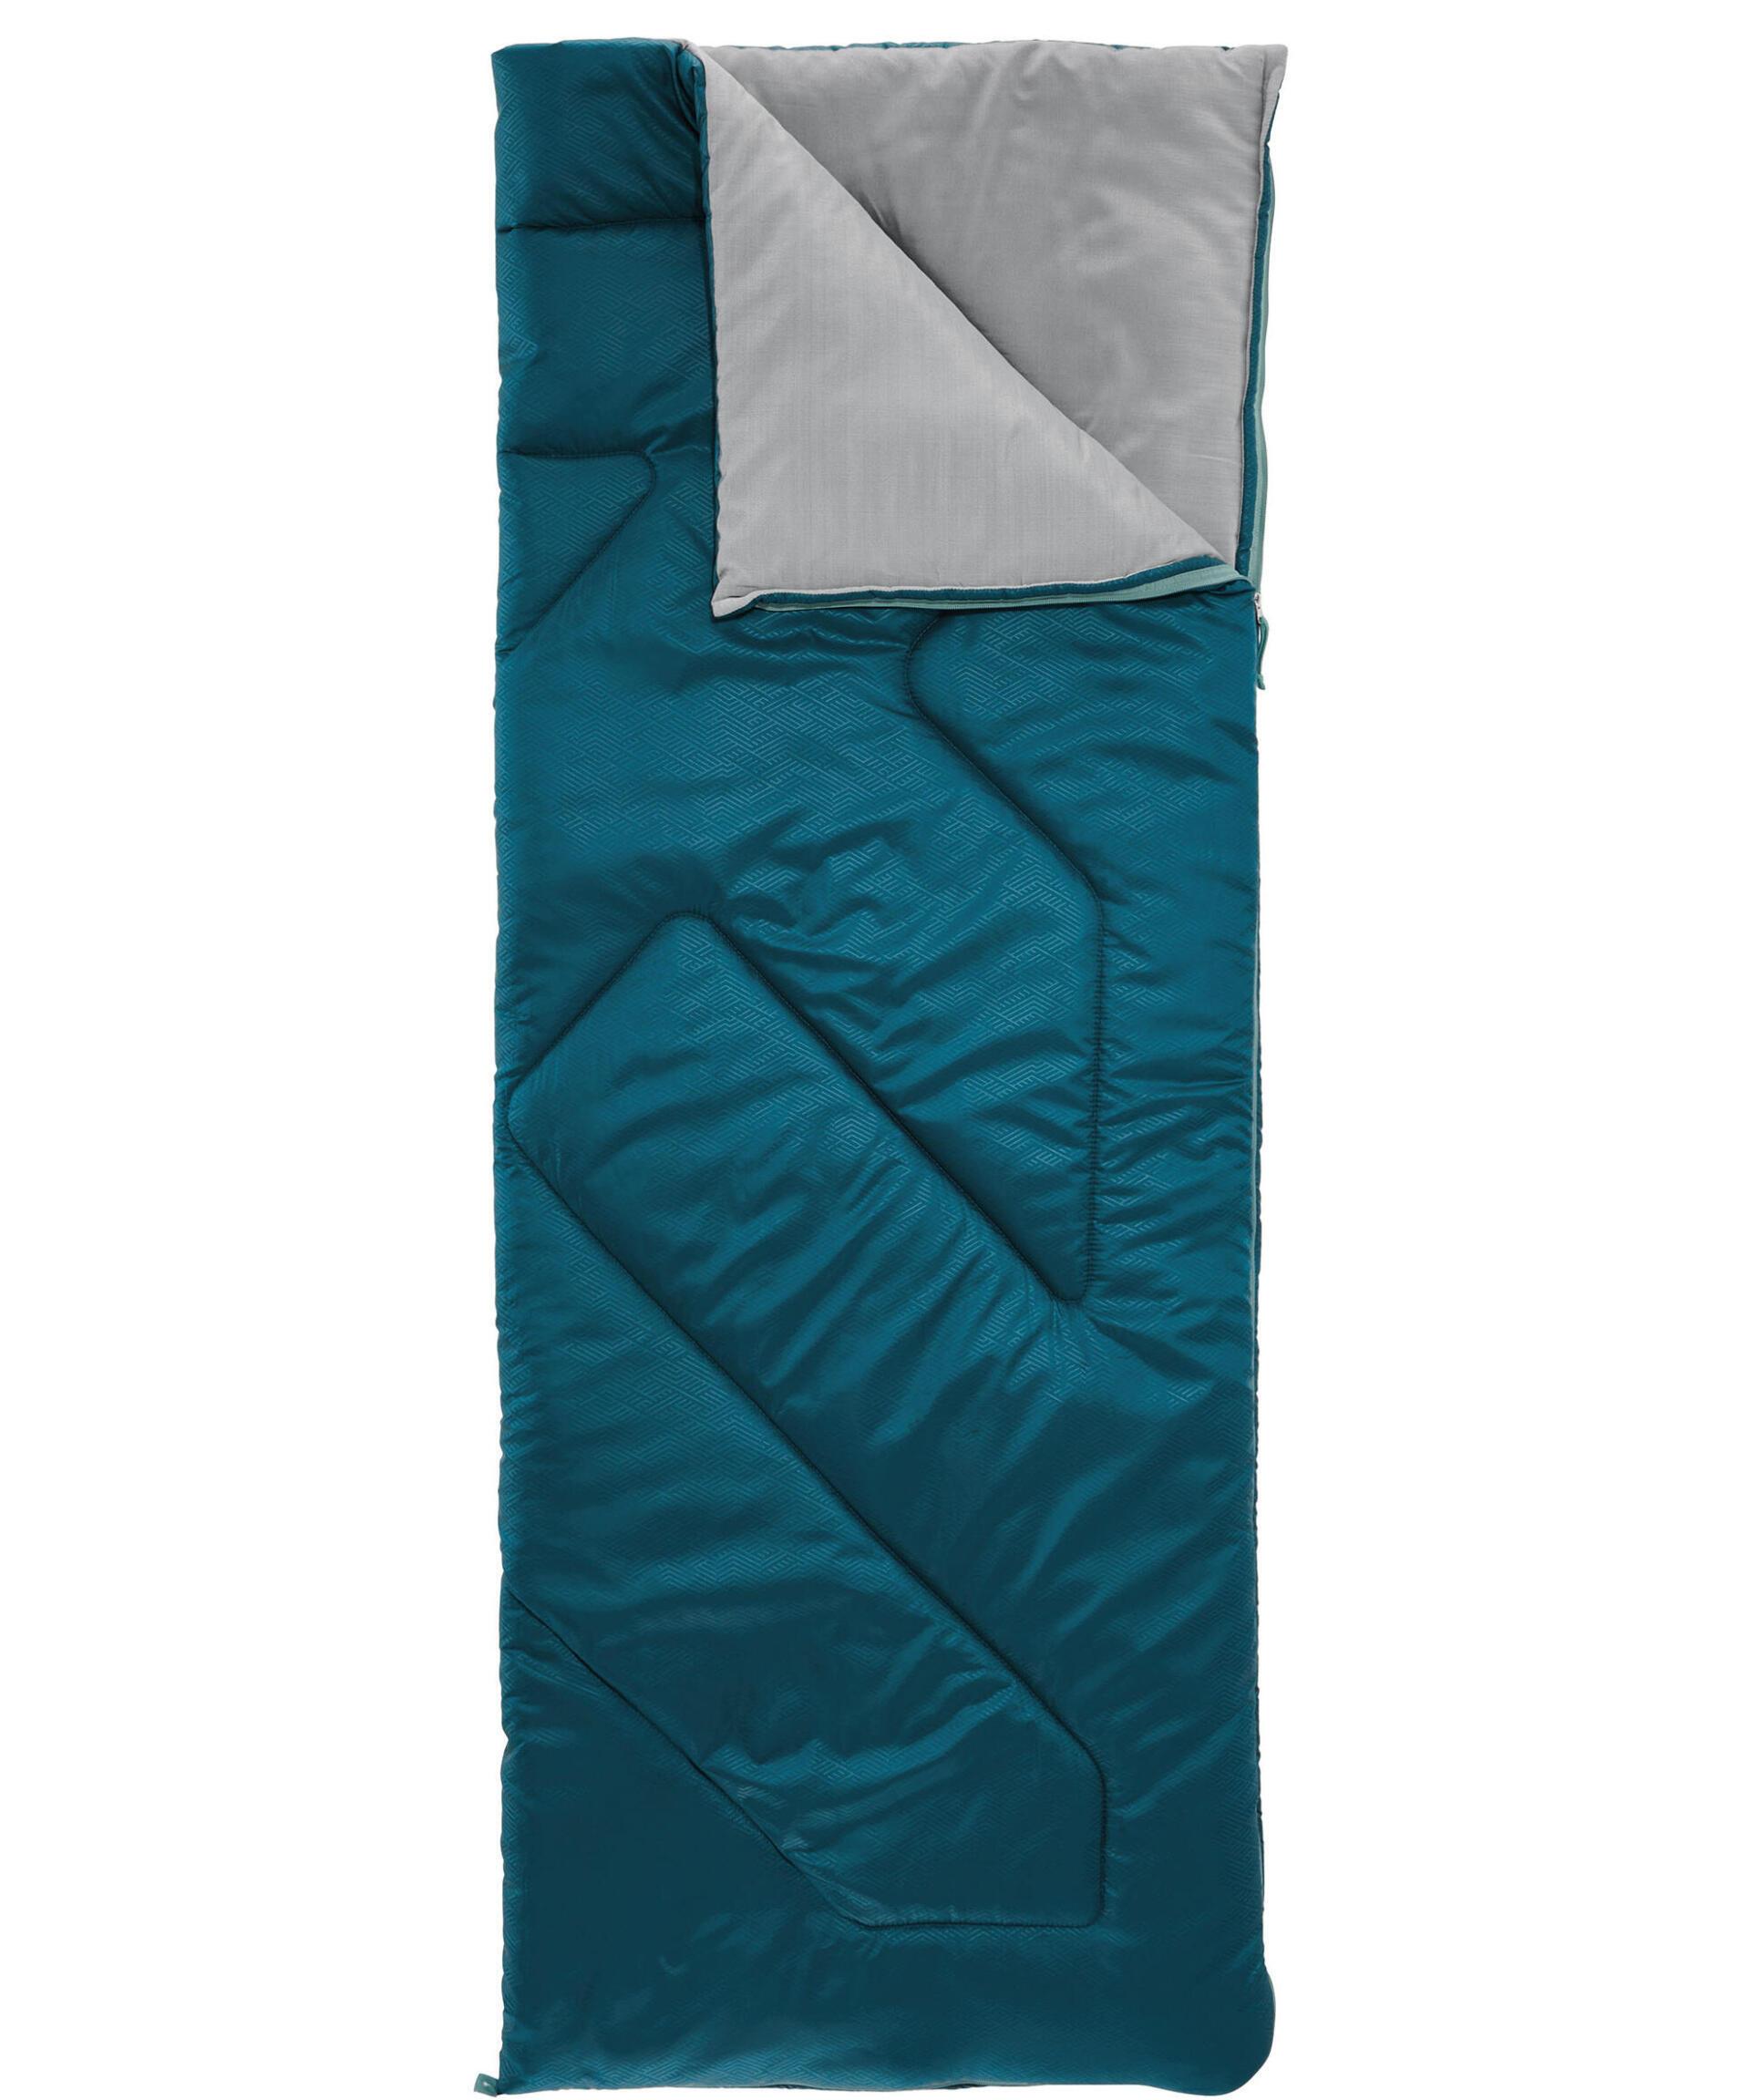 ARPENAZ 露營睡袋 10°C